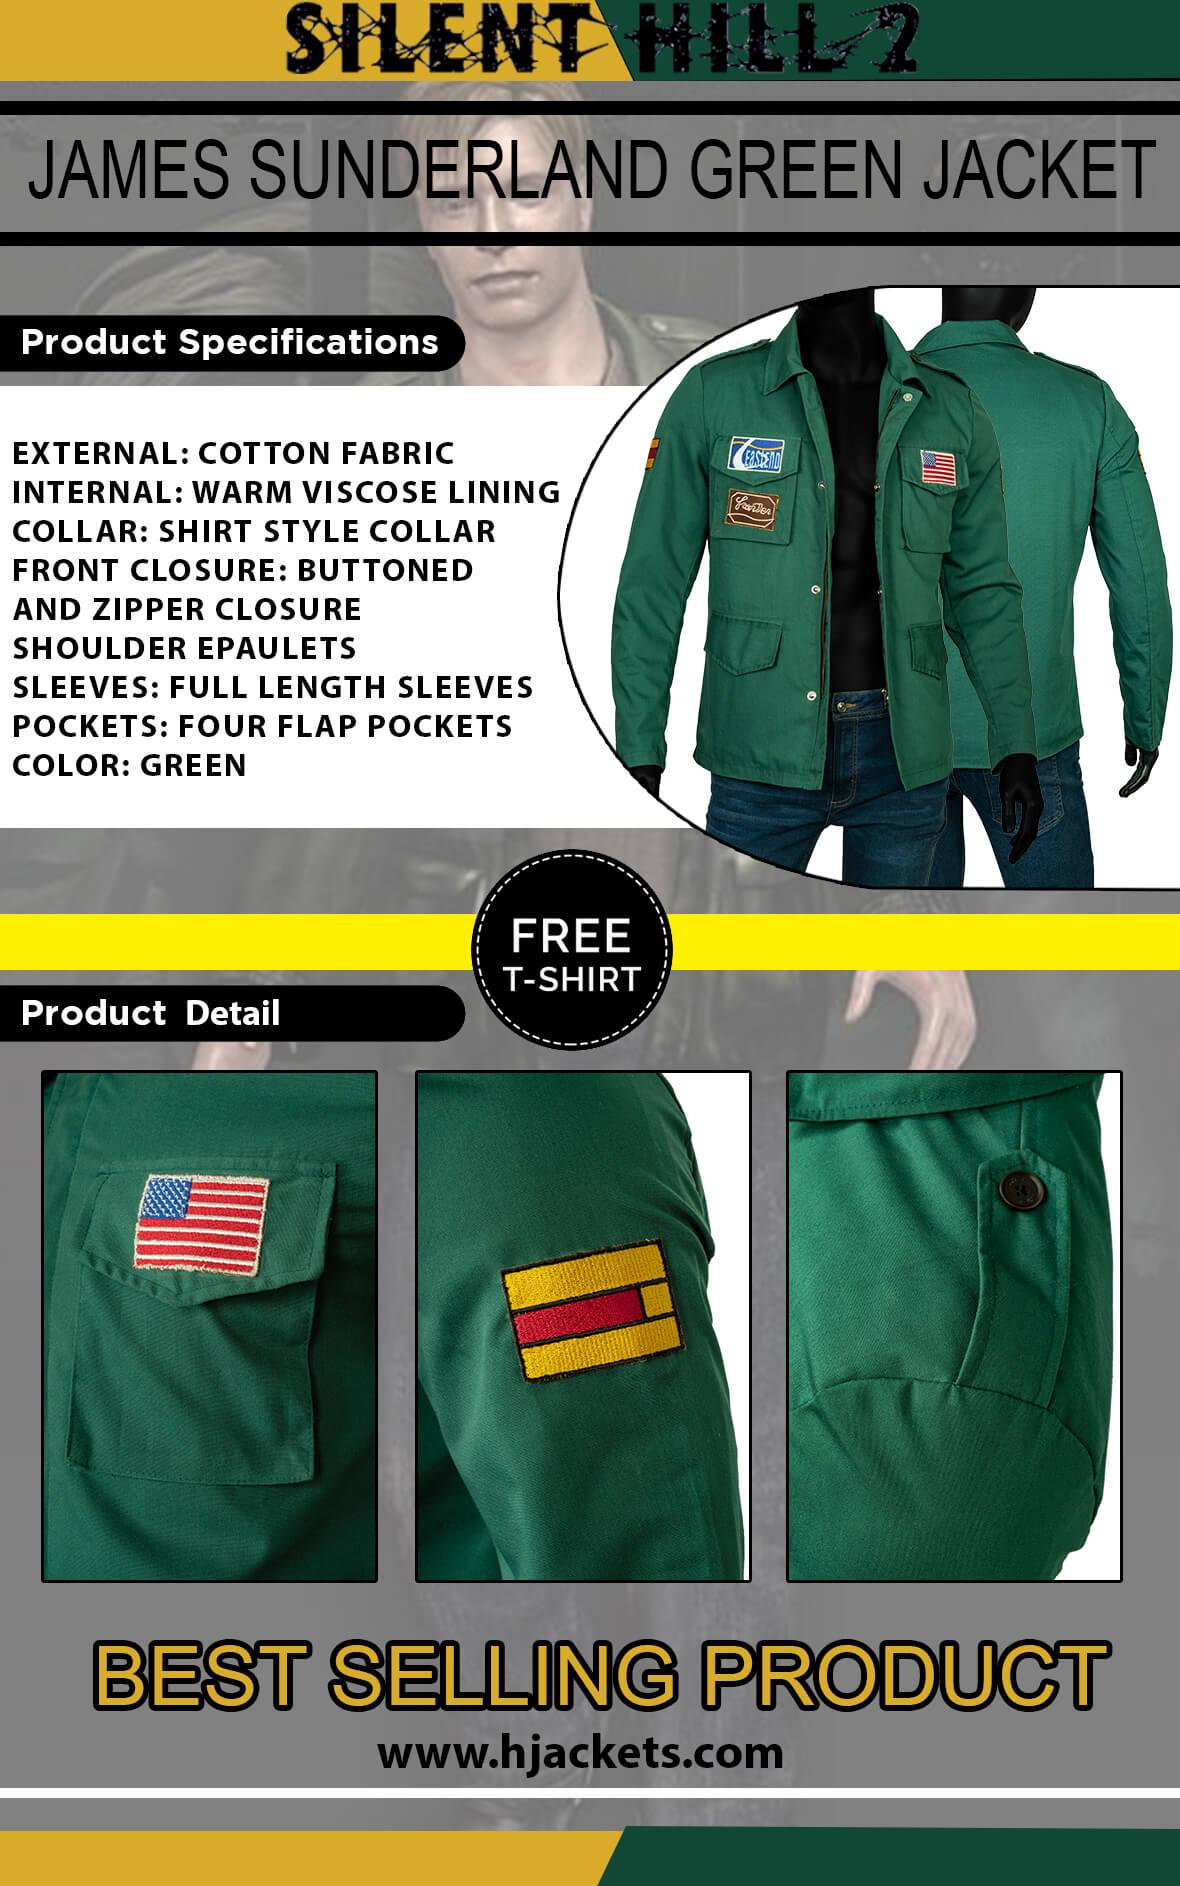 james sunderland silent hill 2 jacket infographic